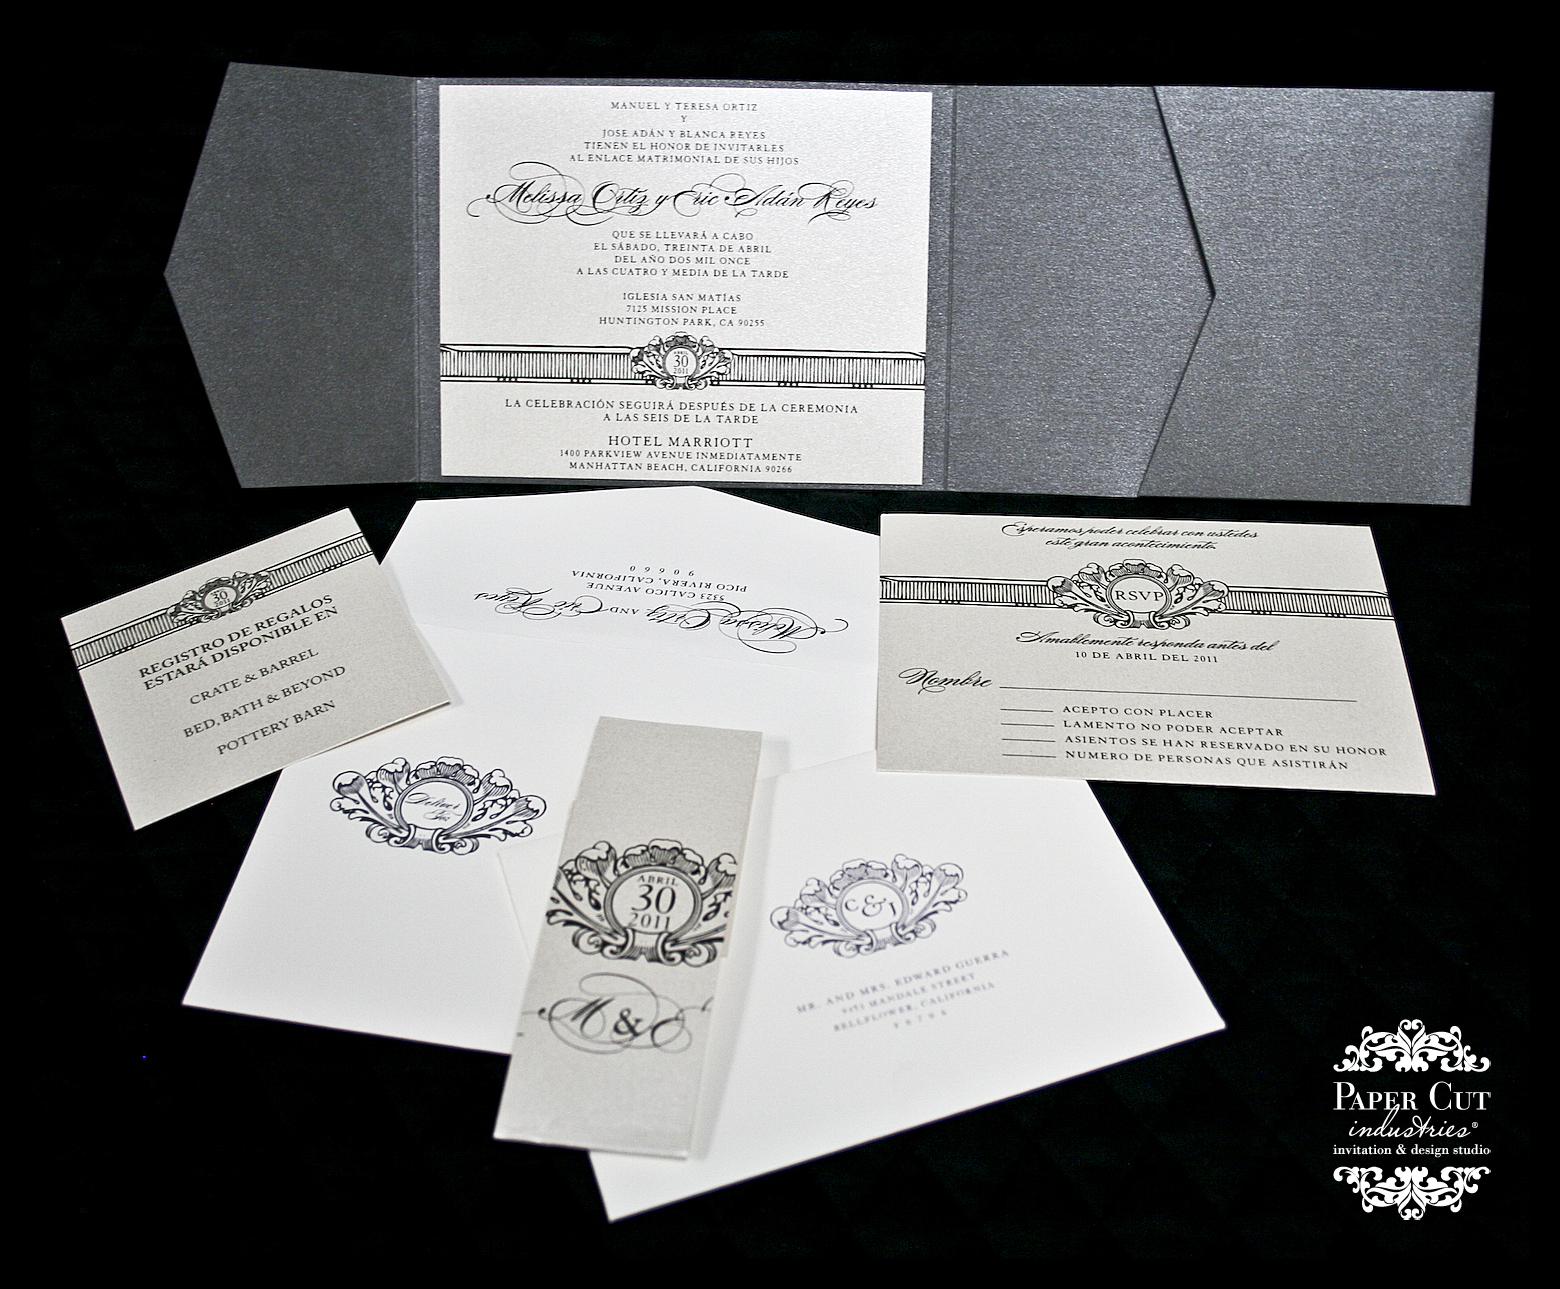 bilingual wedding invitations spanish spanish wedding invitations Wedding Invitations In Spanish Invitation Wording Both